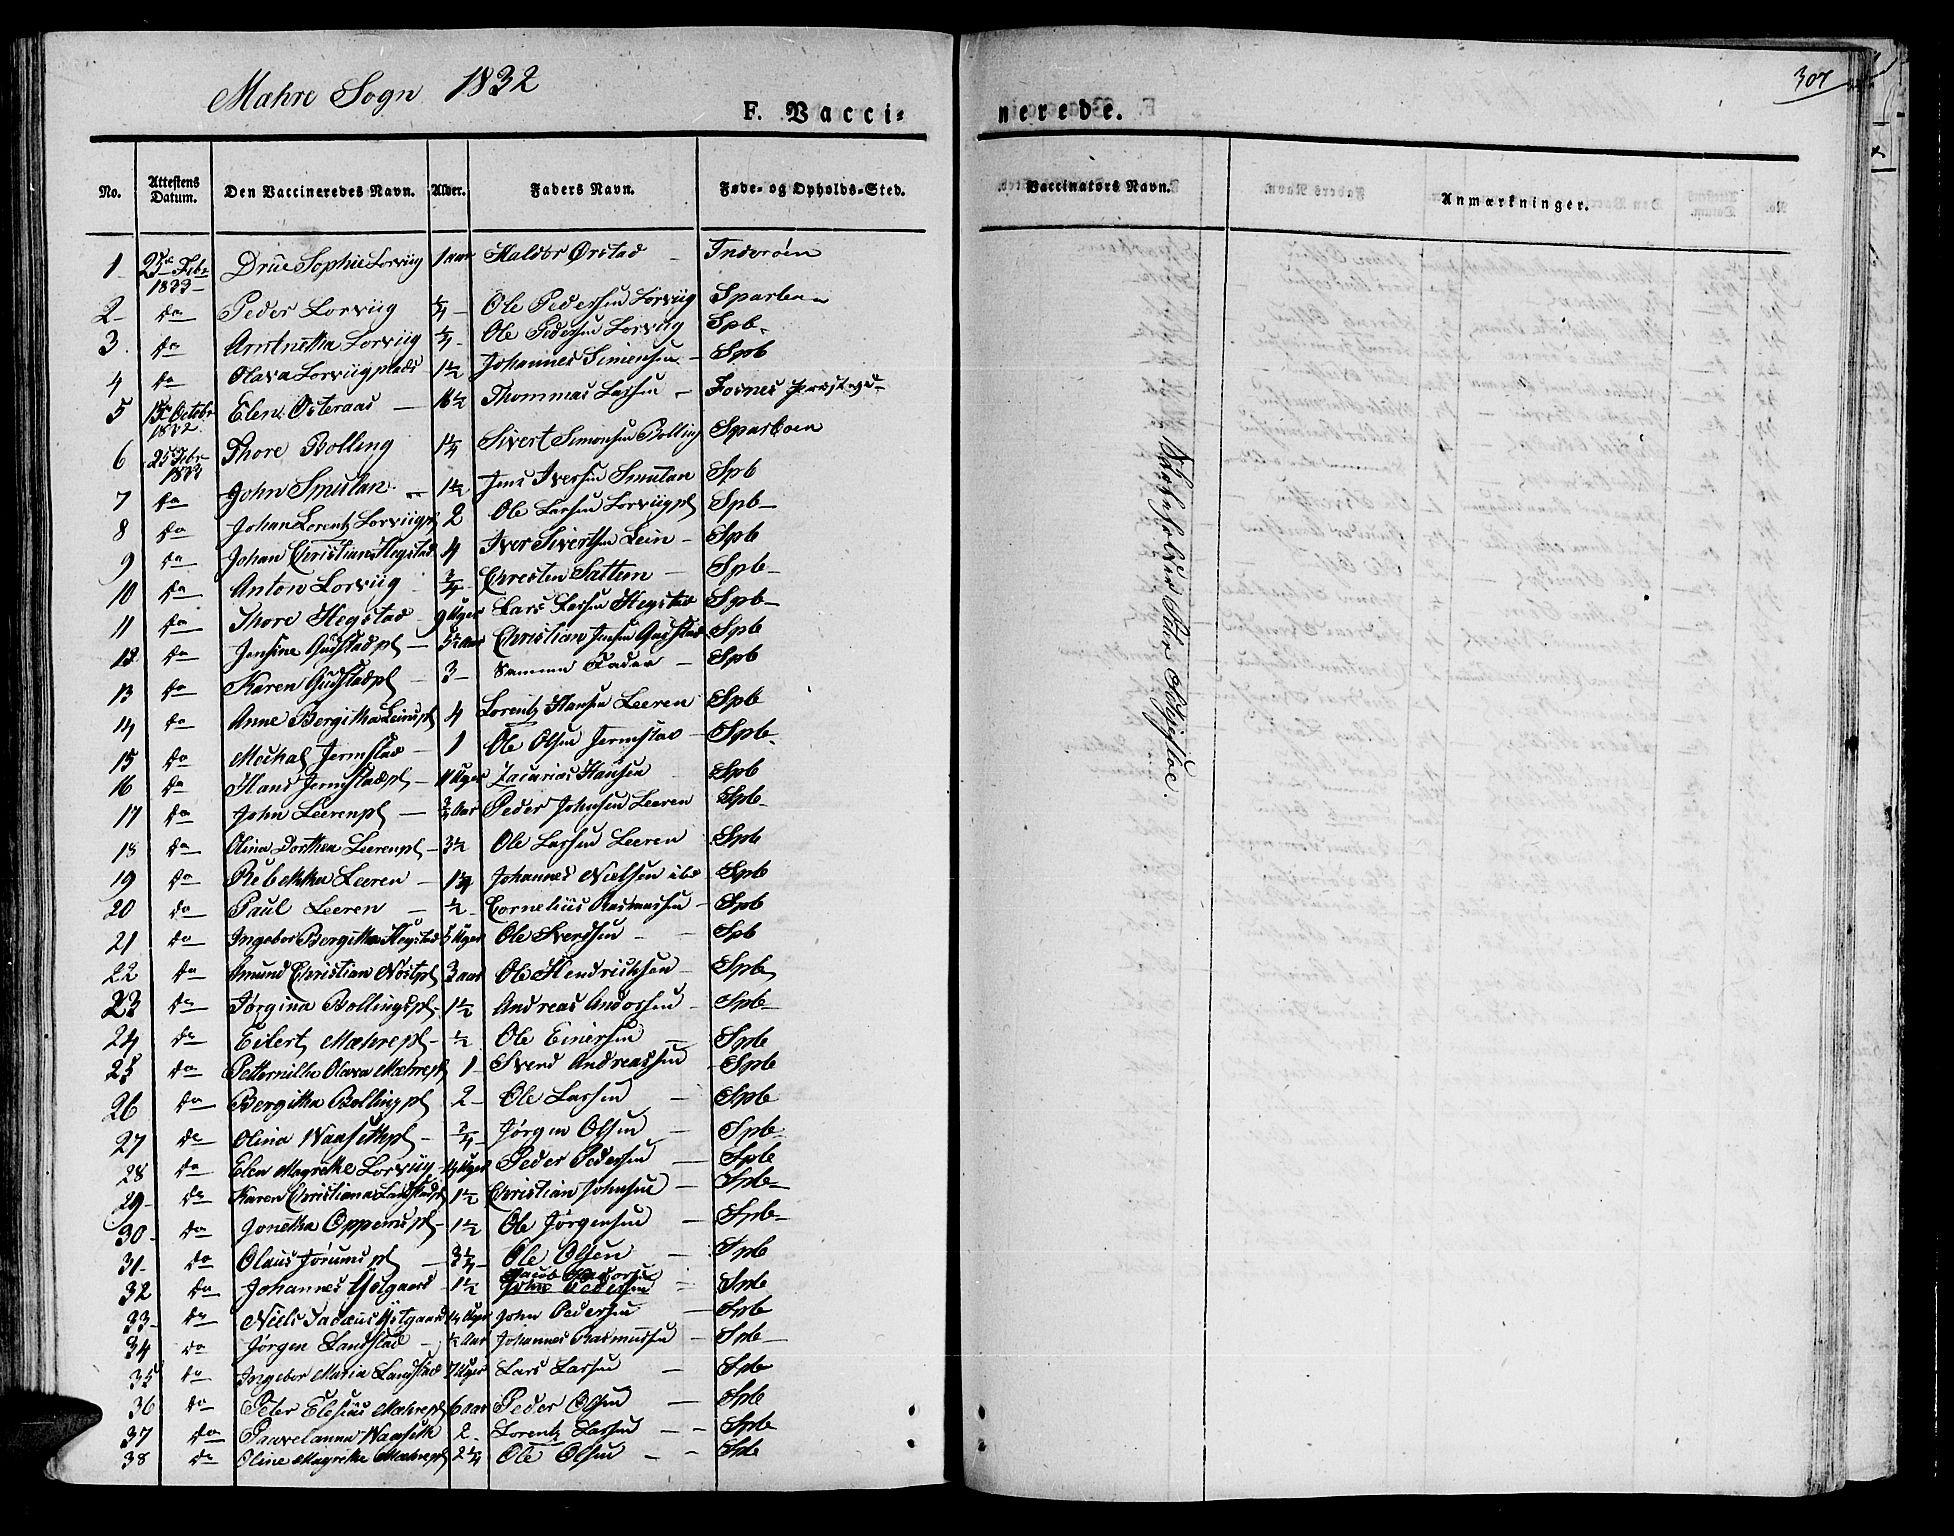 SAT, Ministerialprotokoller, klokkerbøker og fødselsregistre - Nord-Trøndelag, 735/L0336: Ministerialbok nr. 735A05 /1, 1825-1835, s. 307